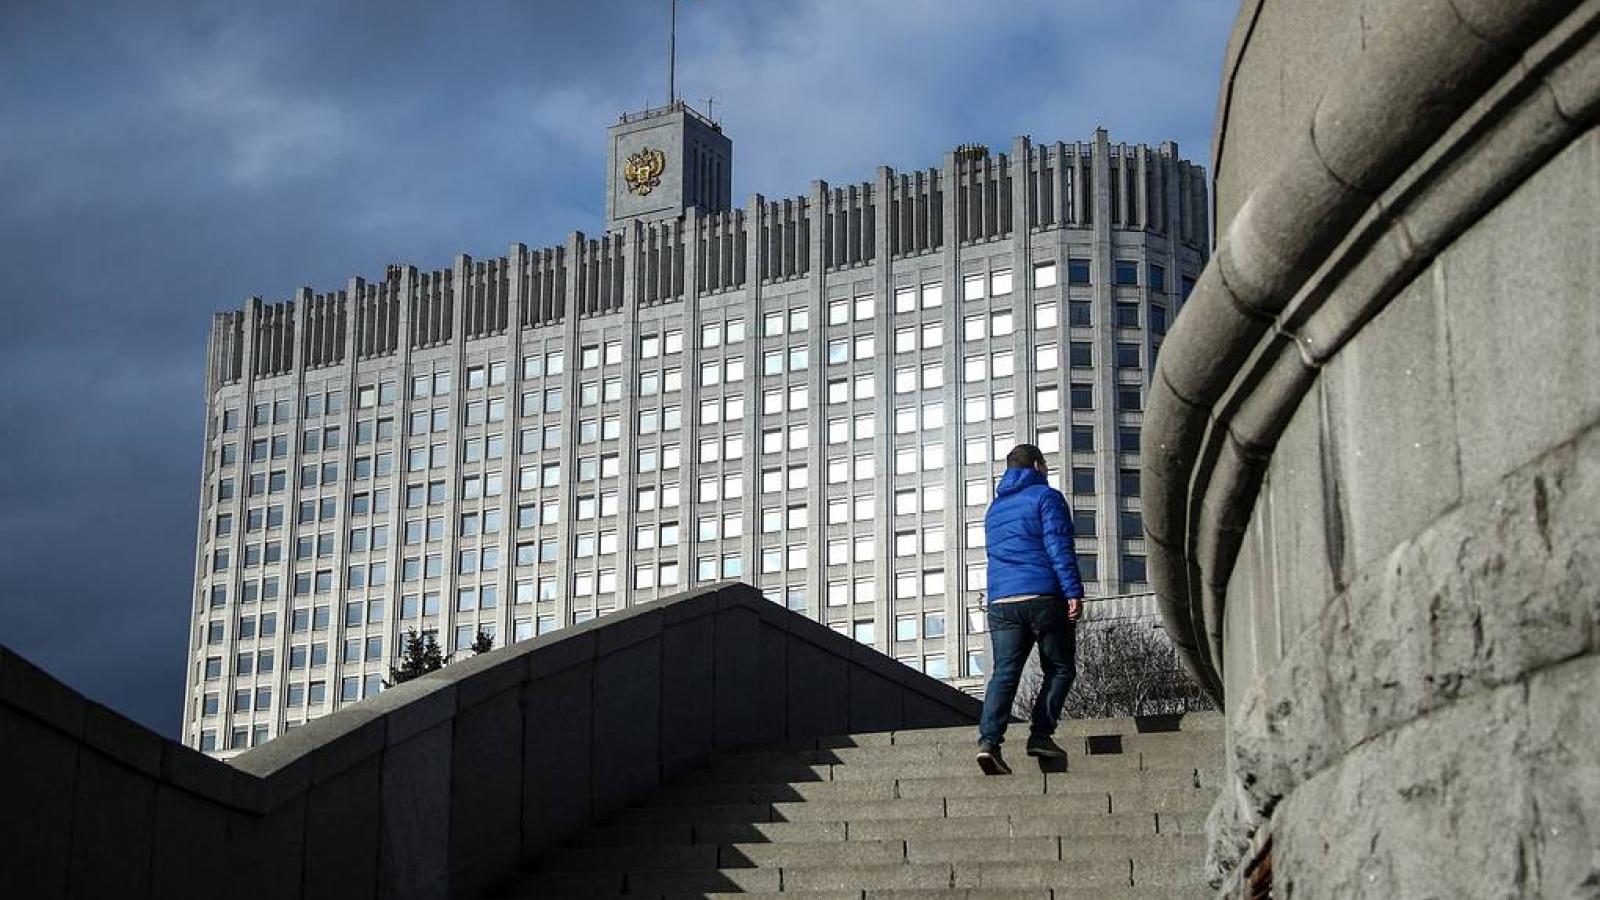 Chính phủ Nga phê duyệt danh sáchcác quốc gia không thân thiện